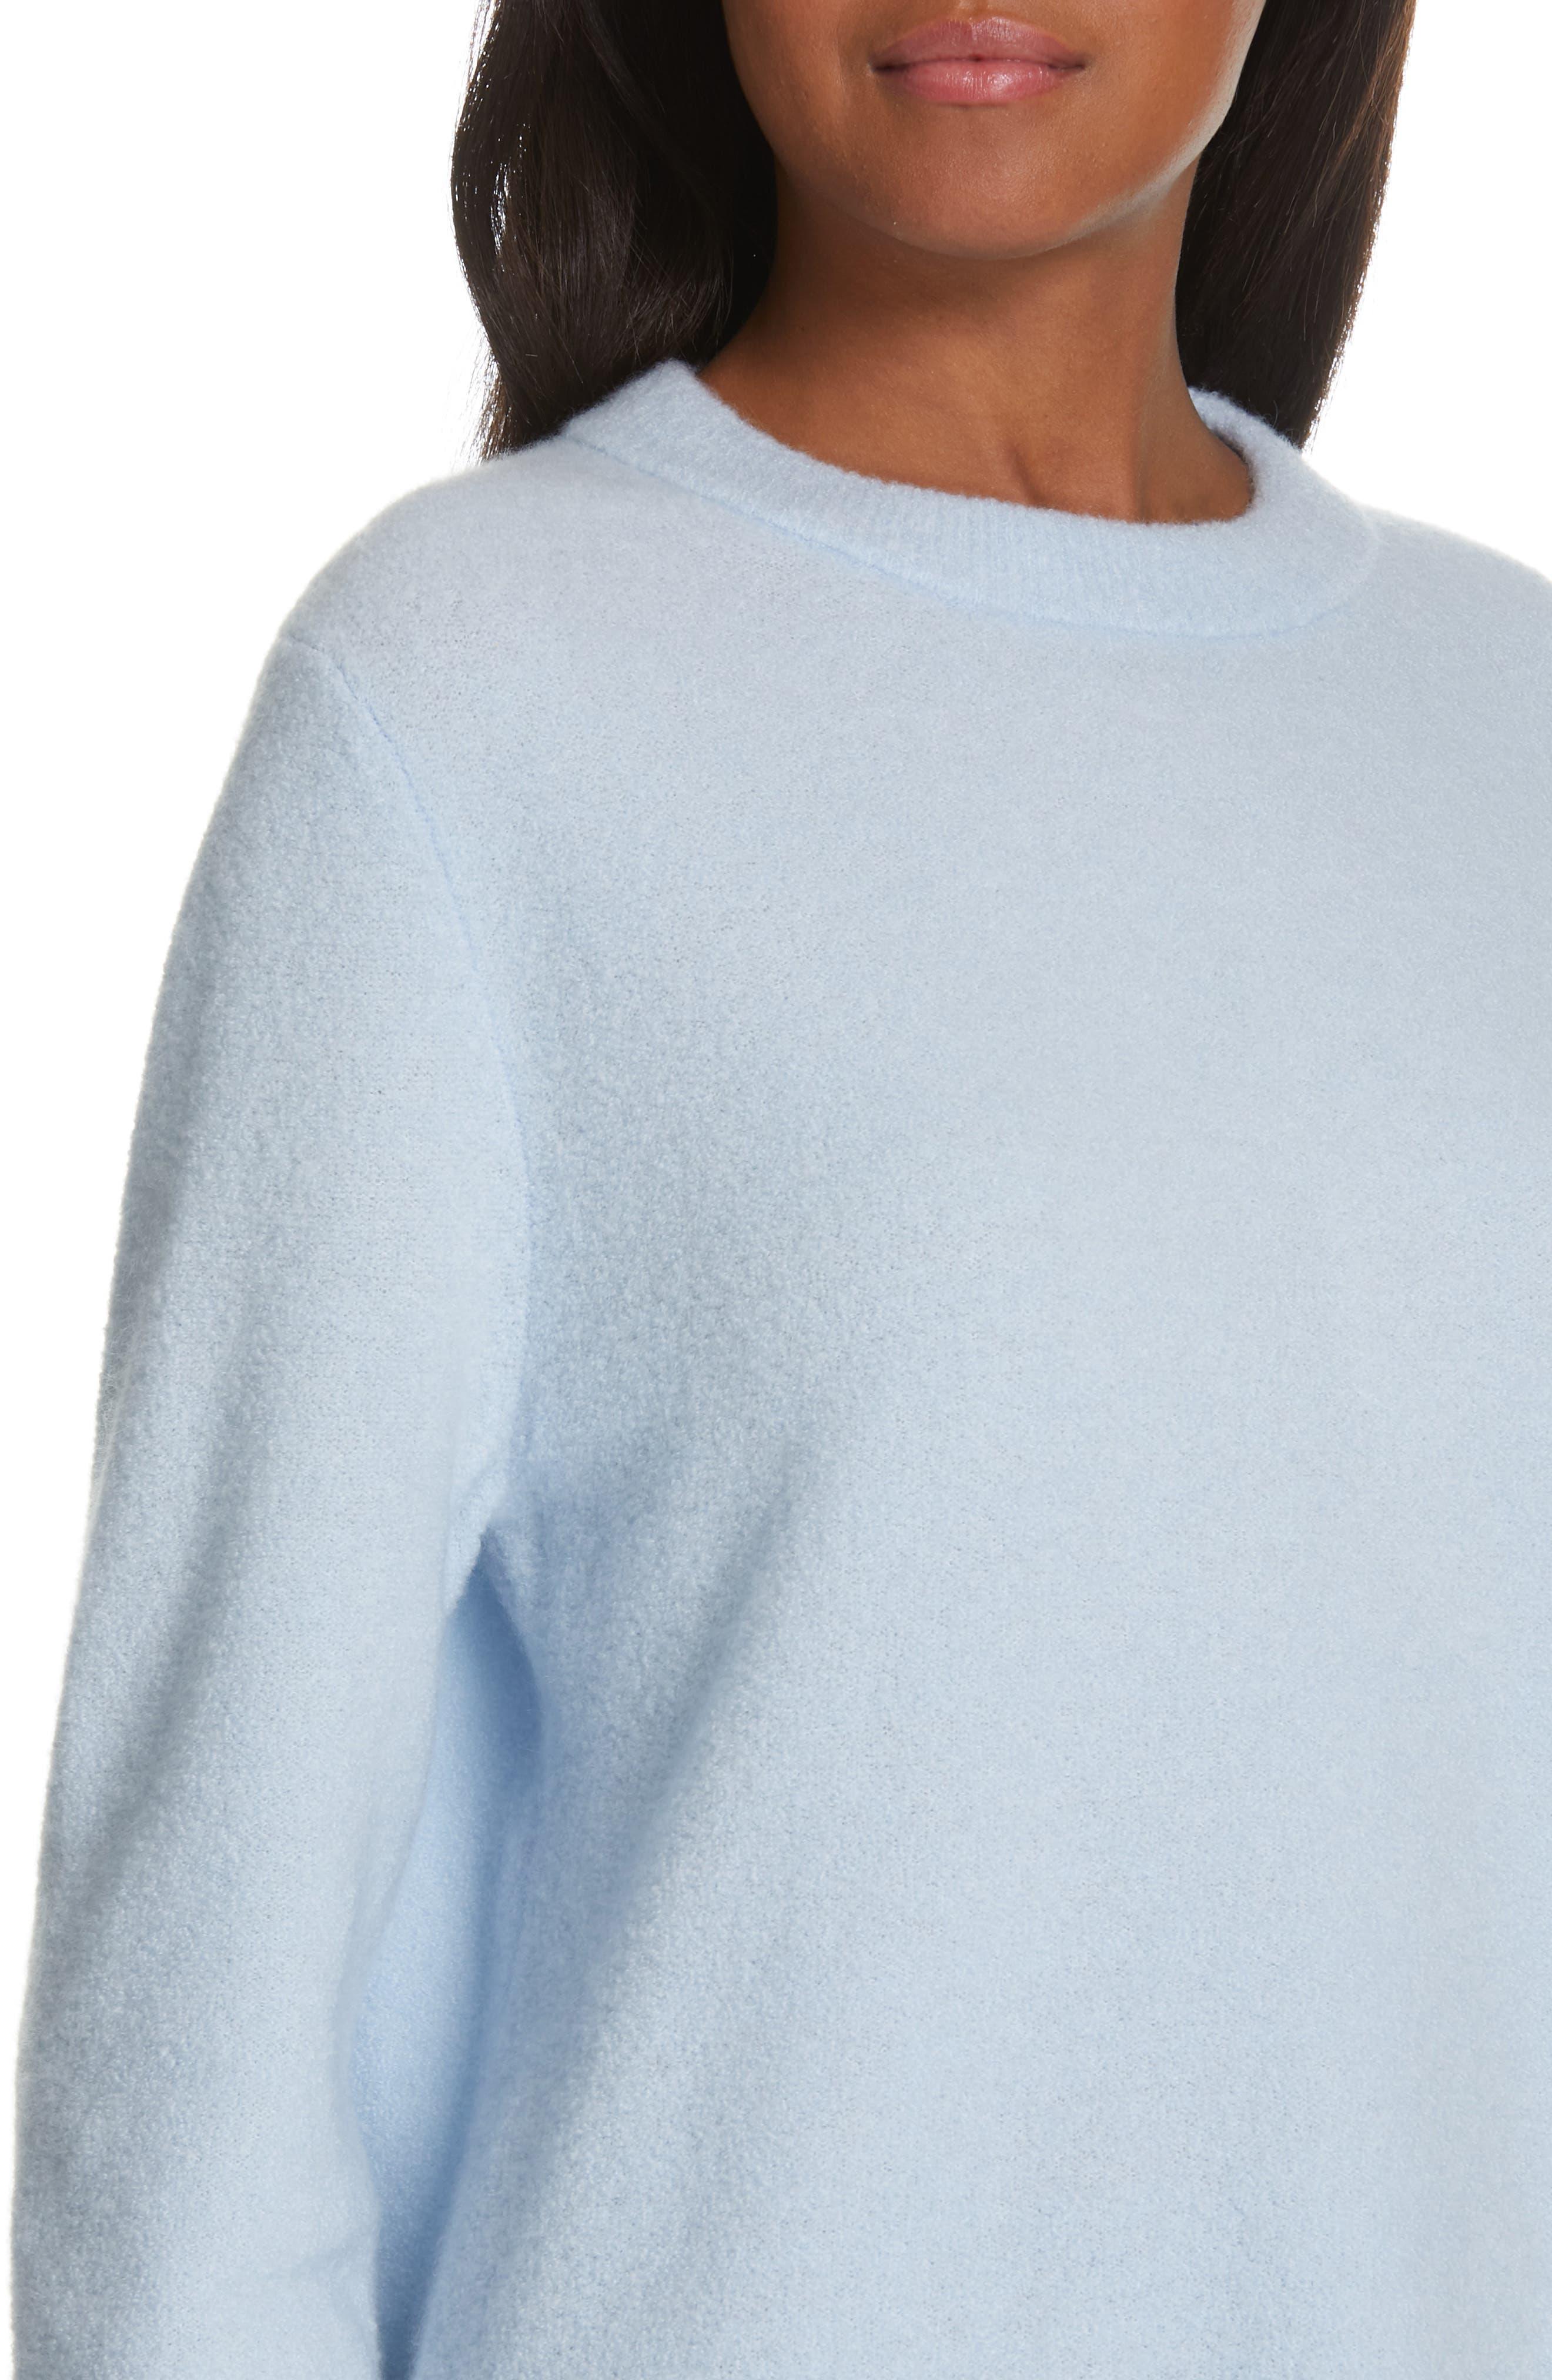 NORDSTROM SIGNATURE, Cashmere Blend Bouclé Sweater, Alternate thumbnail 4, color, BLUE CASHMERE